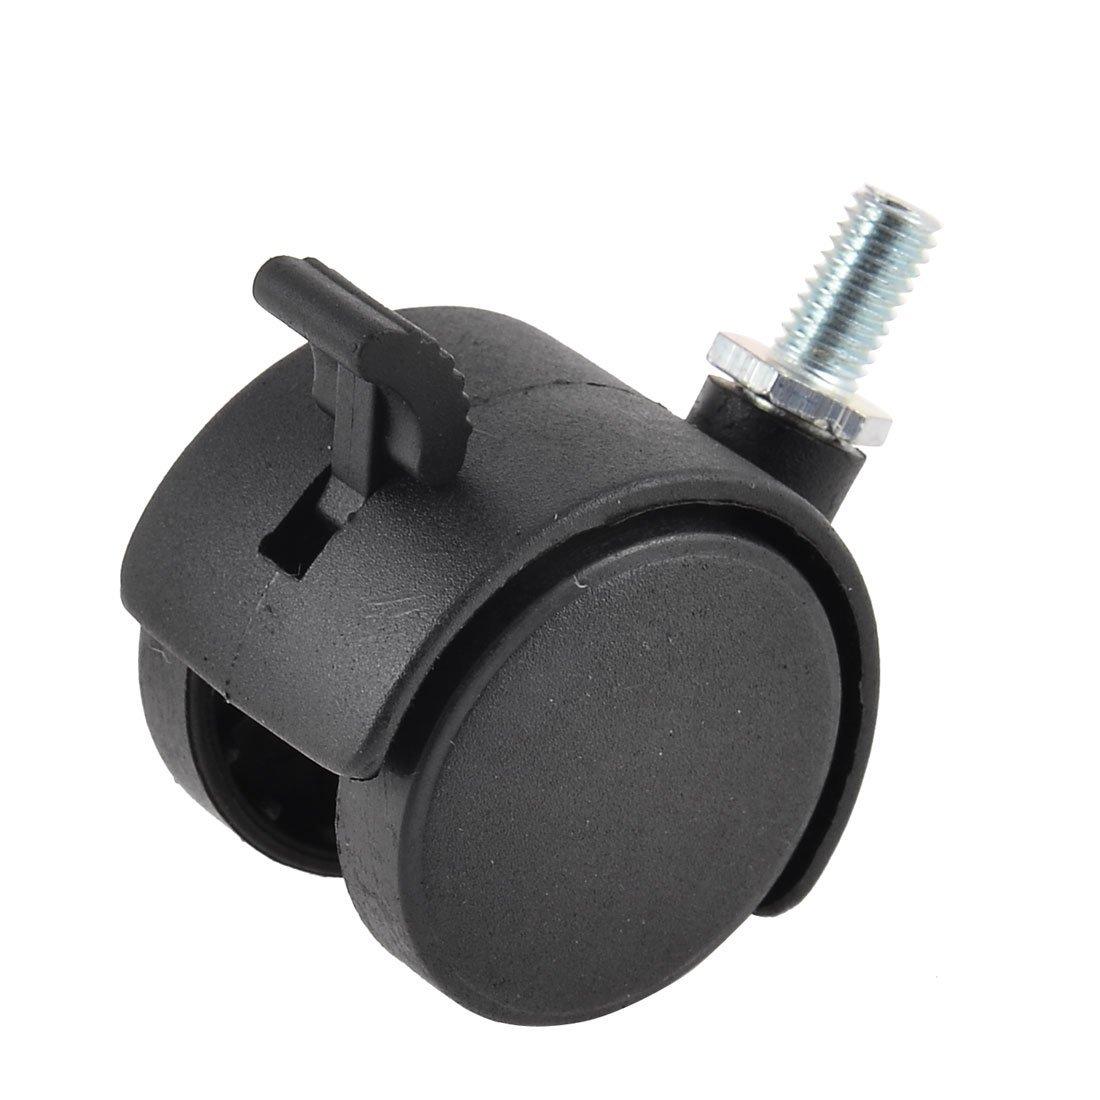 eDealMax Silla DE 1, 5 pulgadas de diámetro de plástico Emparejado anillo de Freno Rueda giratoria 20PCS: Amazon.com: Industrial & Scientific